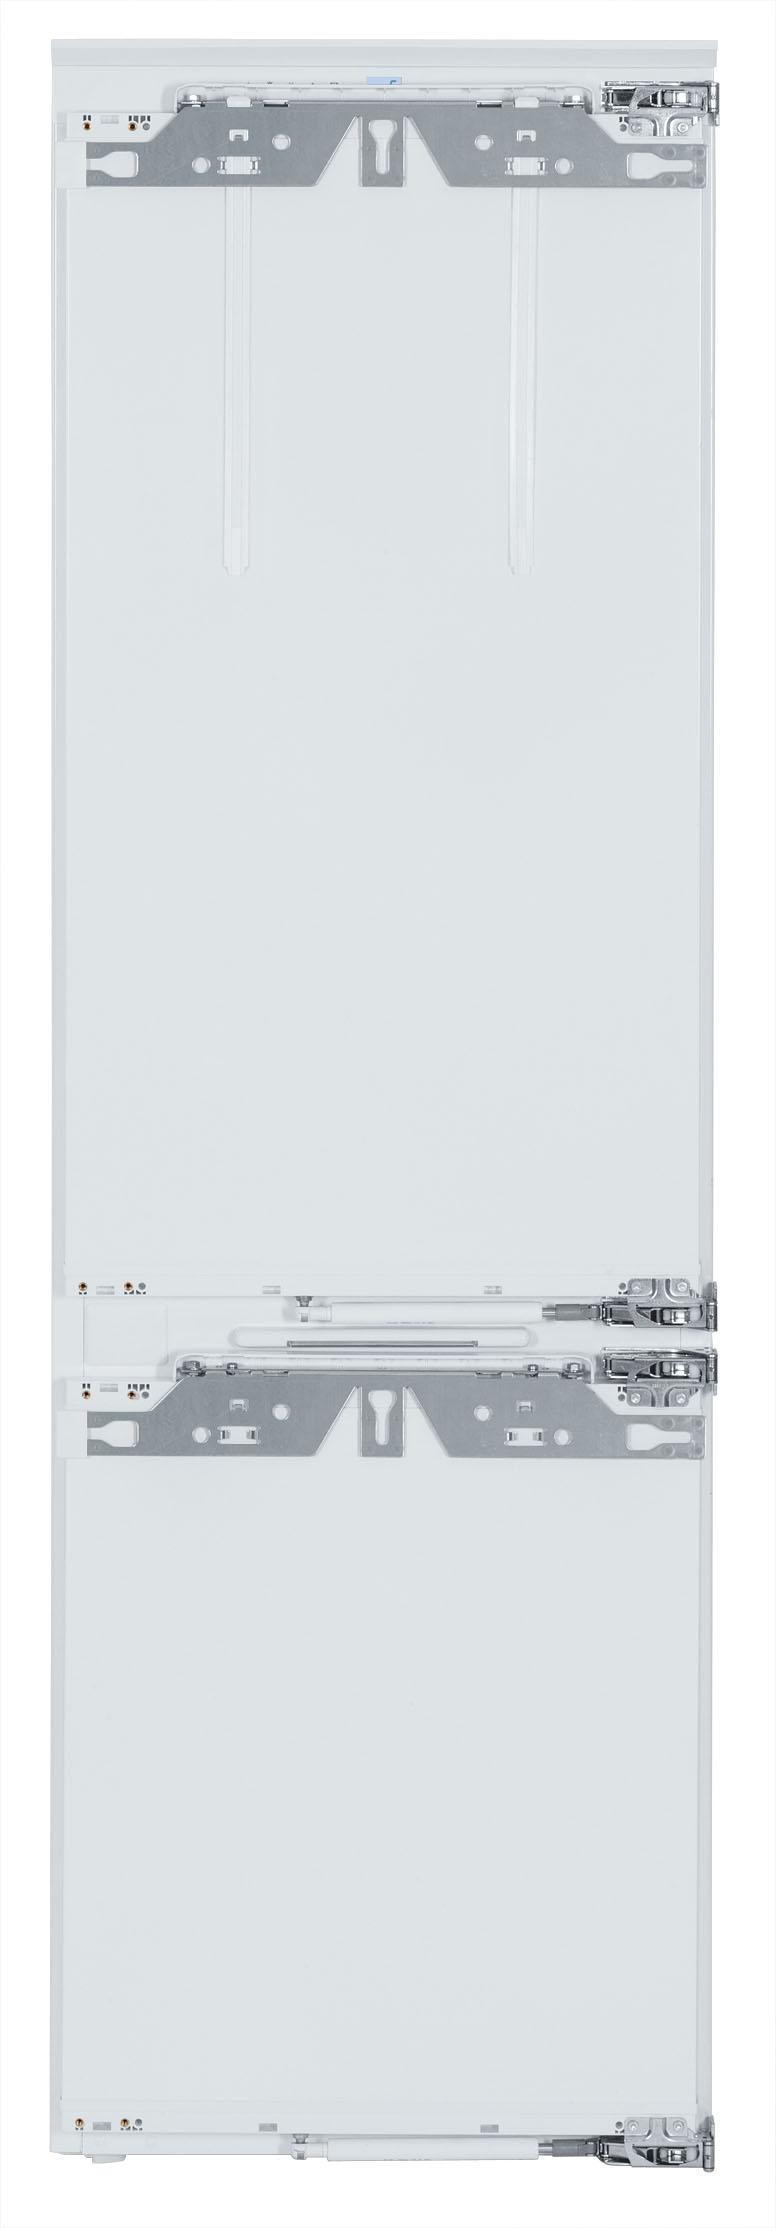 ledni ky liebherr. Black Bedroom Furniture Sets. Home Design Ideas